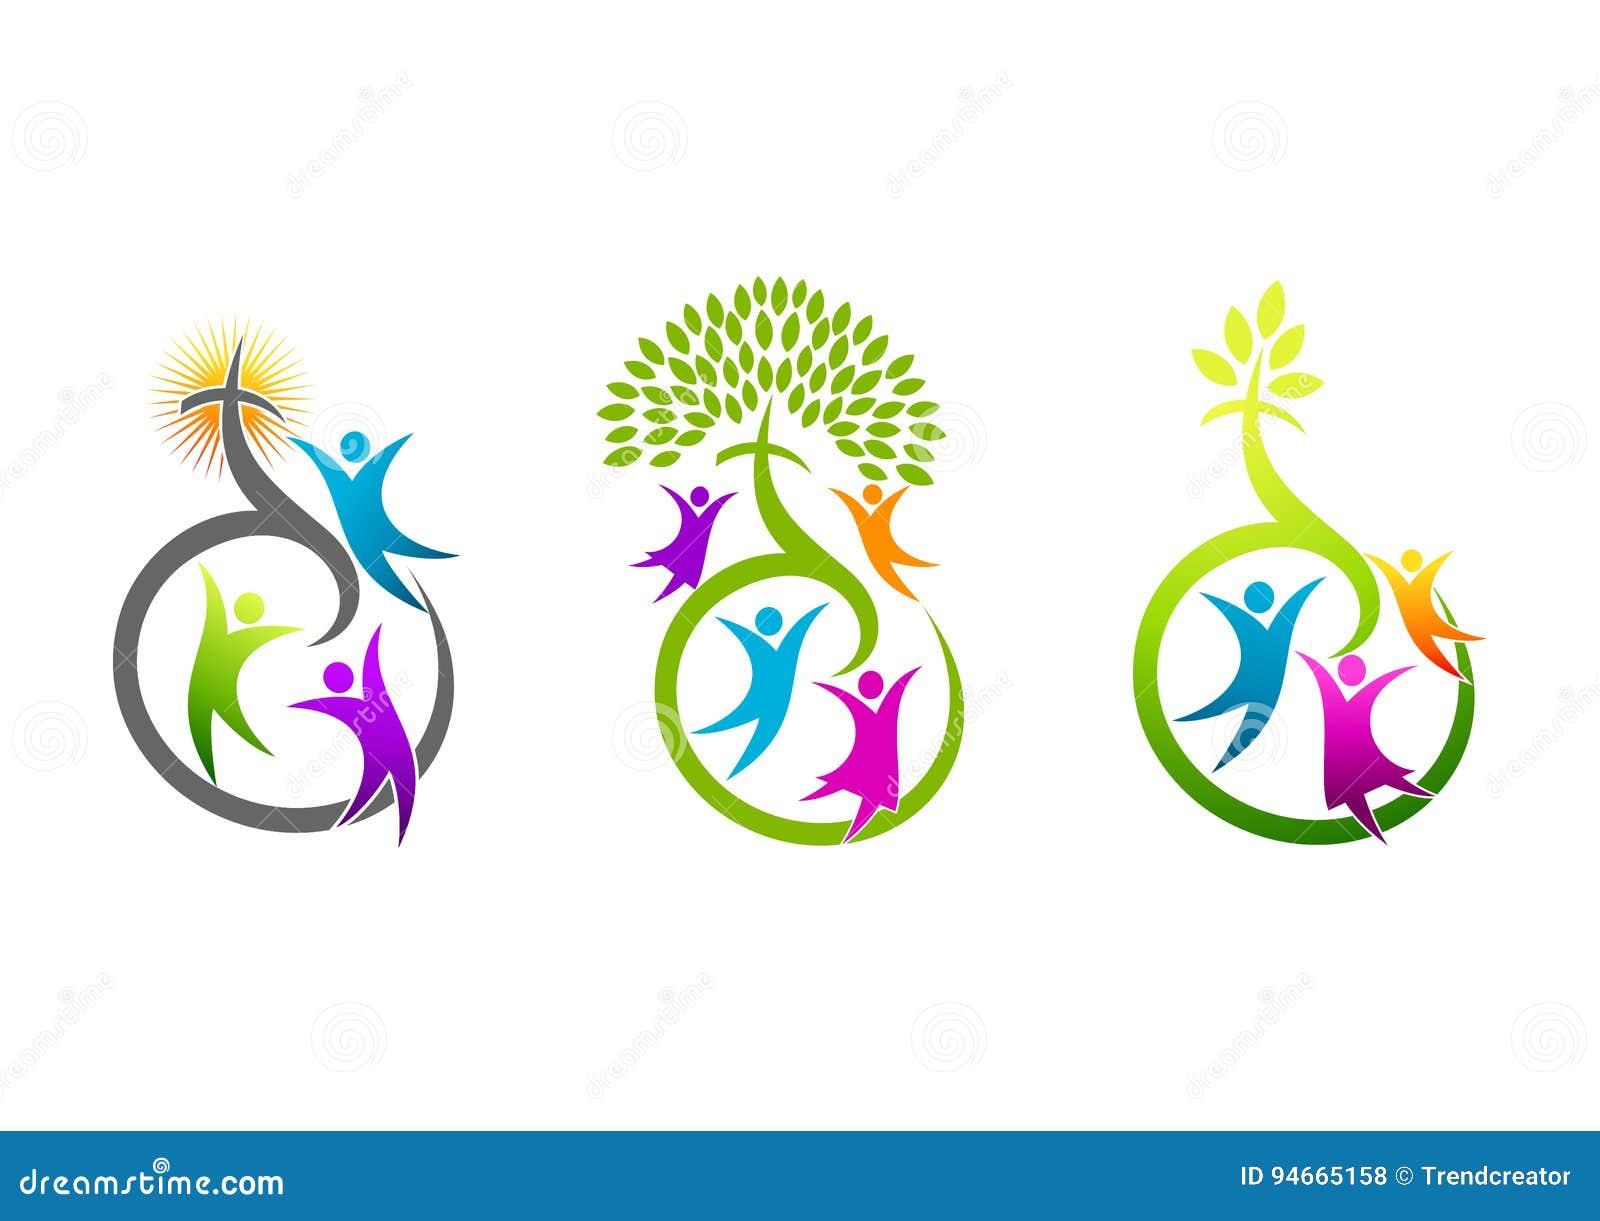 Kirchenlogo, religiöse Familienikone, christliches Zeichen, Naturkruzifixsymbol und Konzeptdesign Heiliger Geist des Wachstums